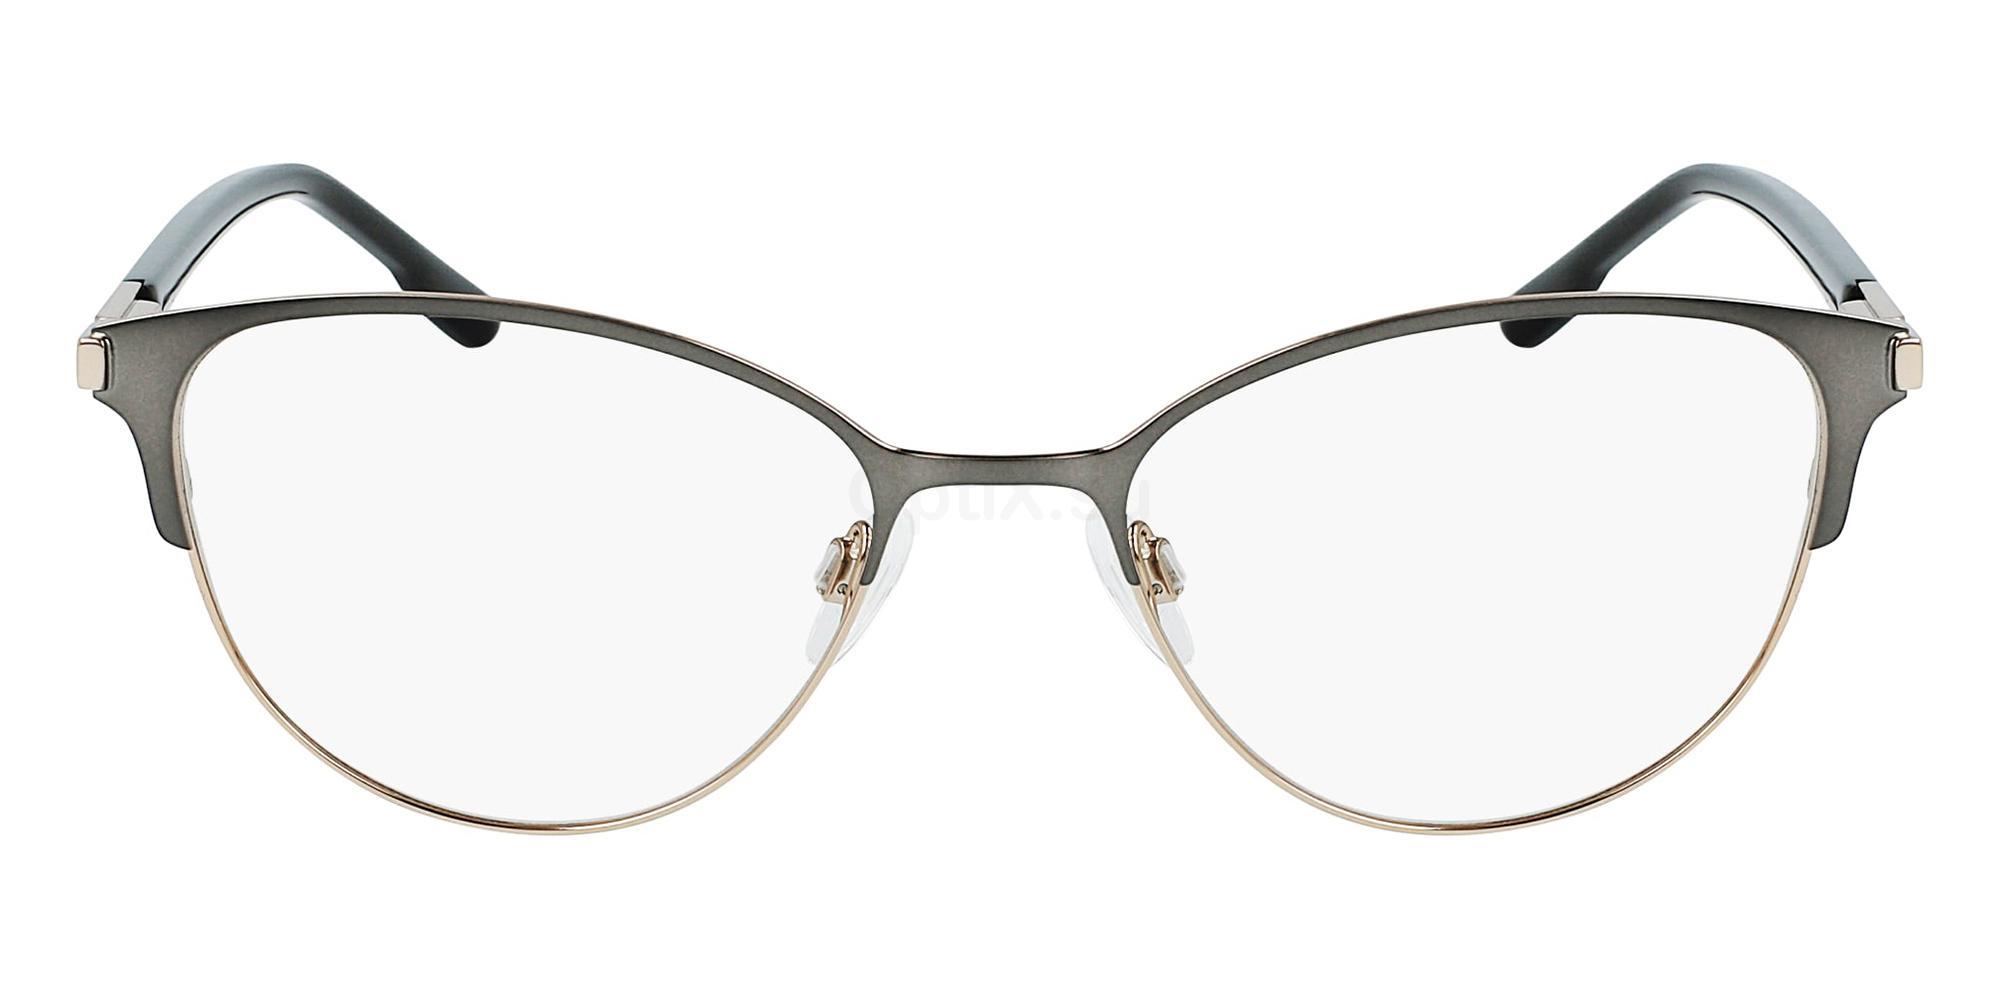 024 SK2114 INNERLIG Glasses, Skaga